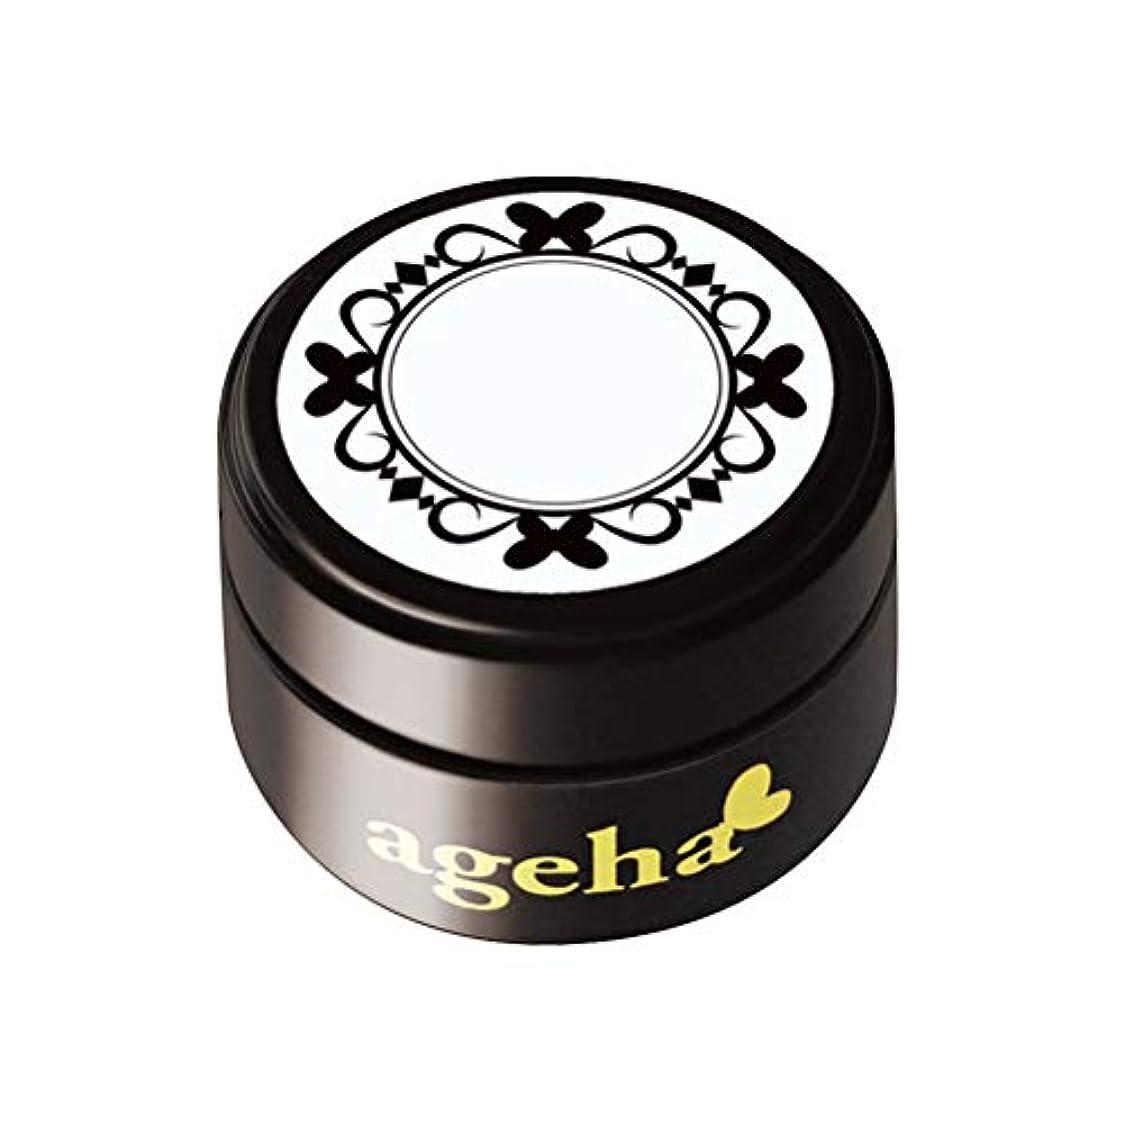 ライド悩み印刷するageha カラージェル コスメカラー 127 ウォームグレー G?MIX シアー?グリッター 2.7g UV/LED対応